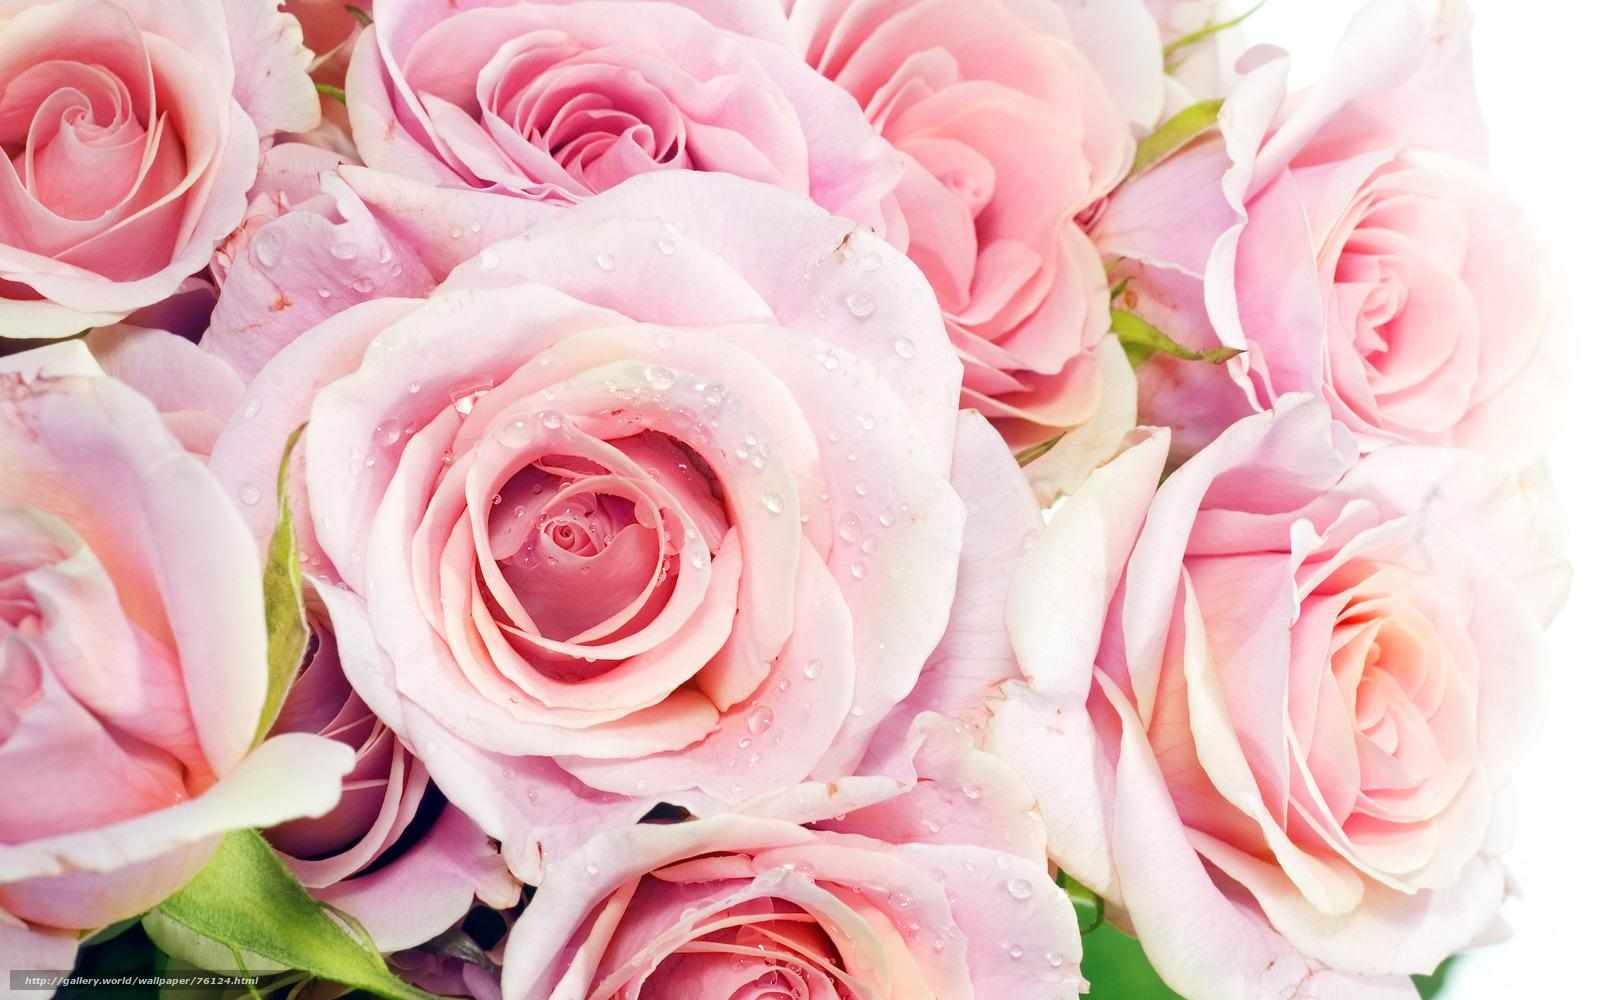 Скачать бесплатно заставки на рабочий стол розы